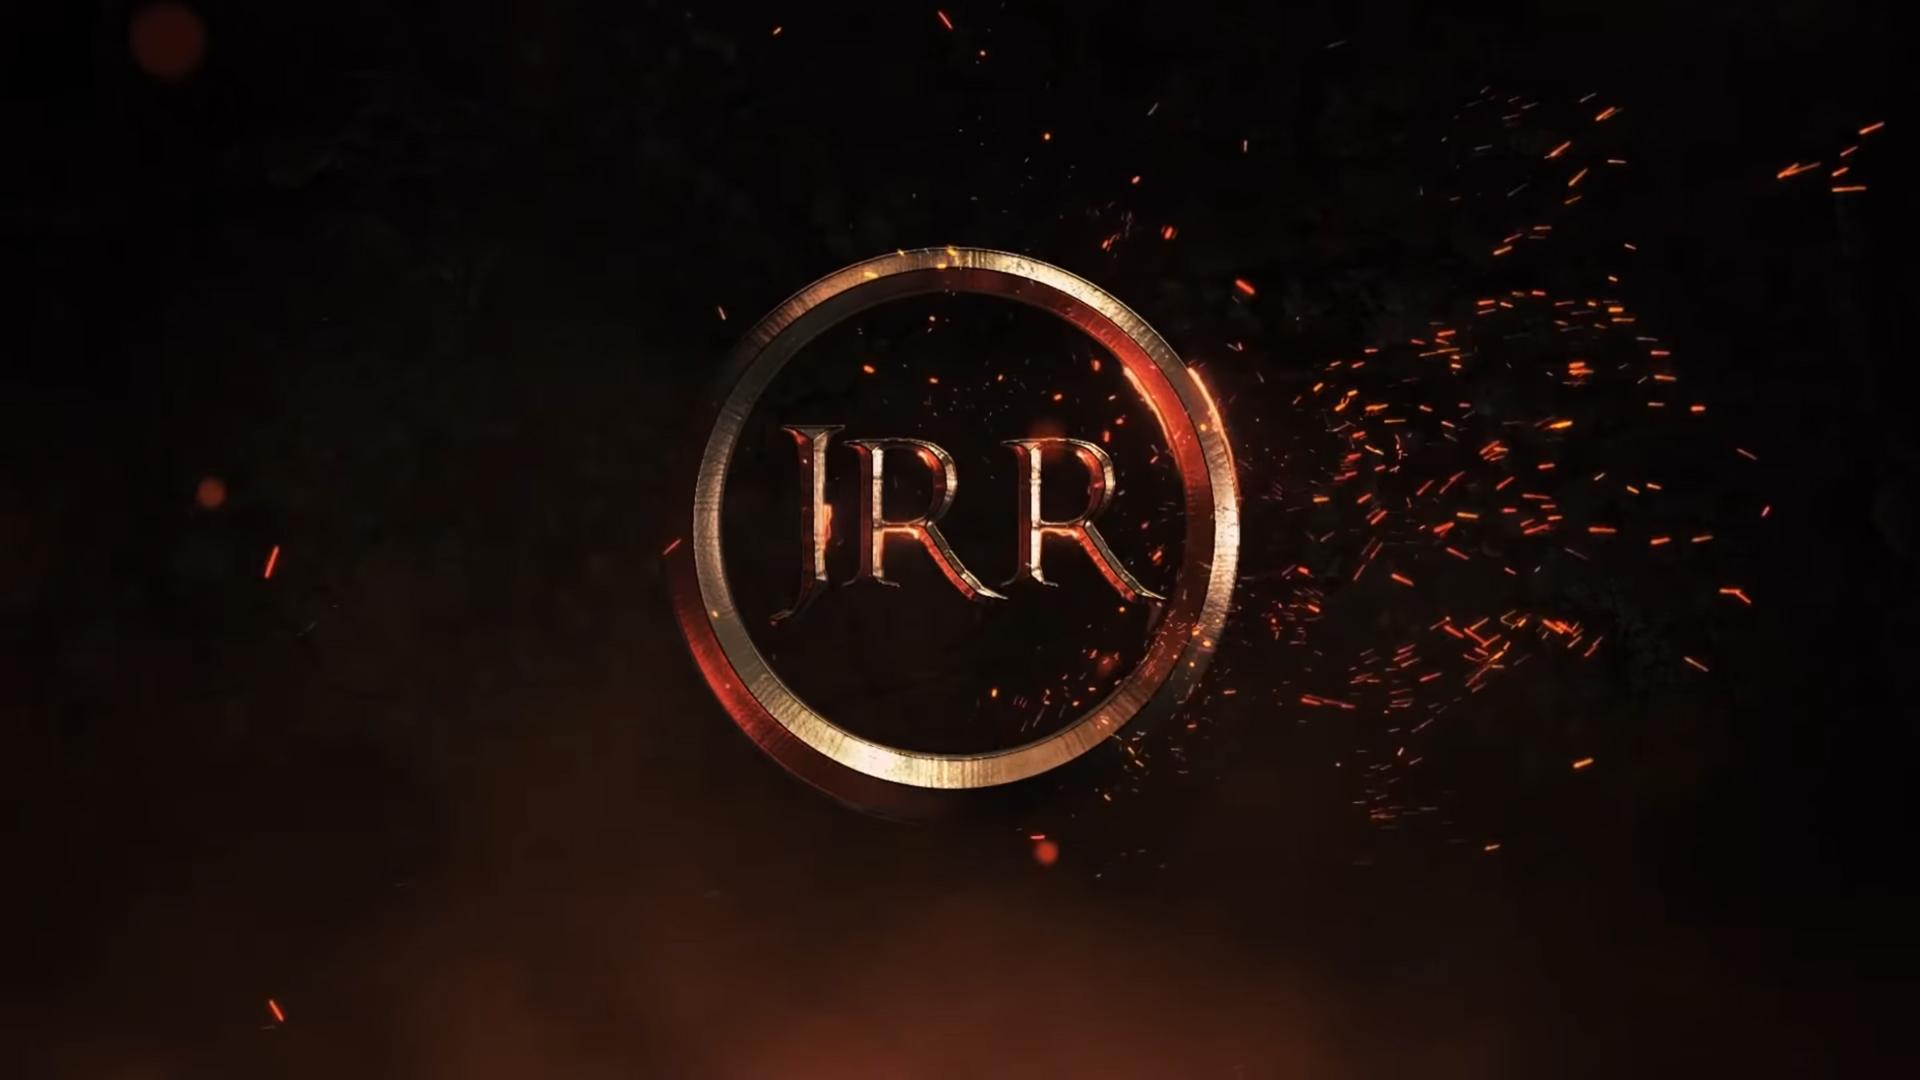 JRR Token, la nueva criptomoneda basada en el 'El Señor de los anillos' - Sputnik Mundo, 1920, 04.08.2021